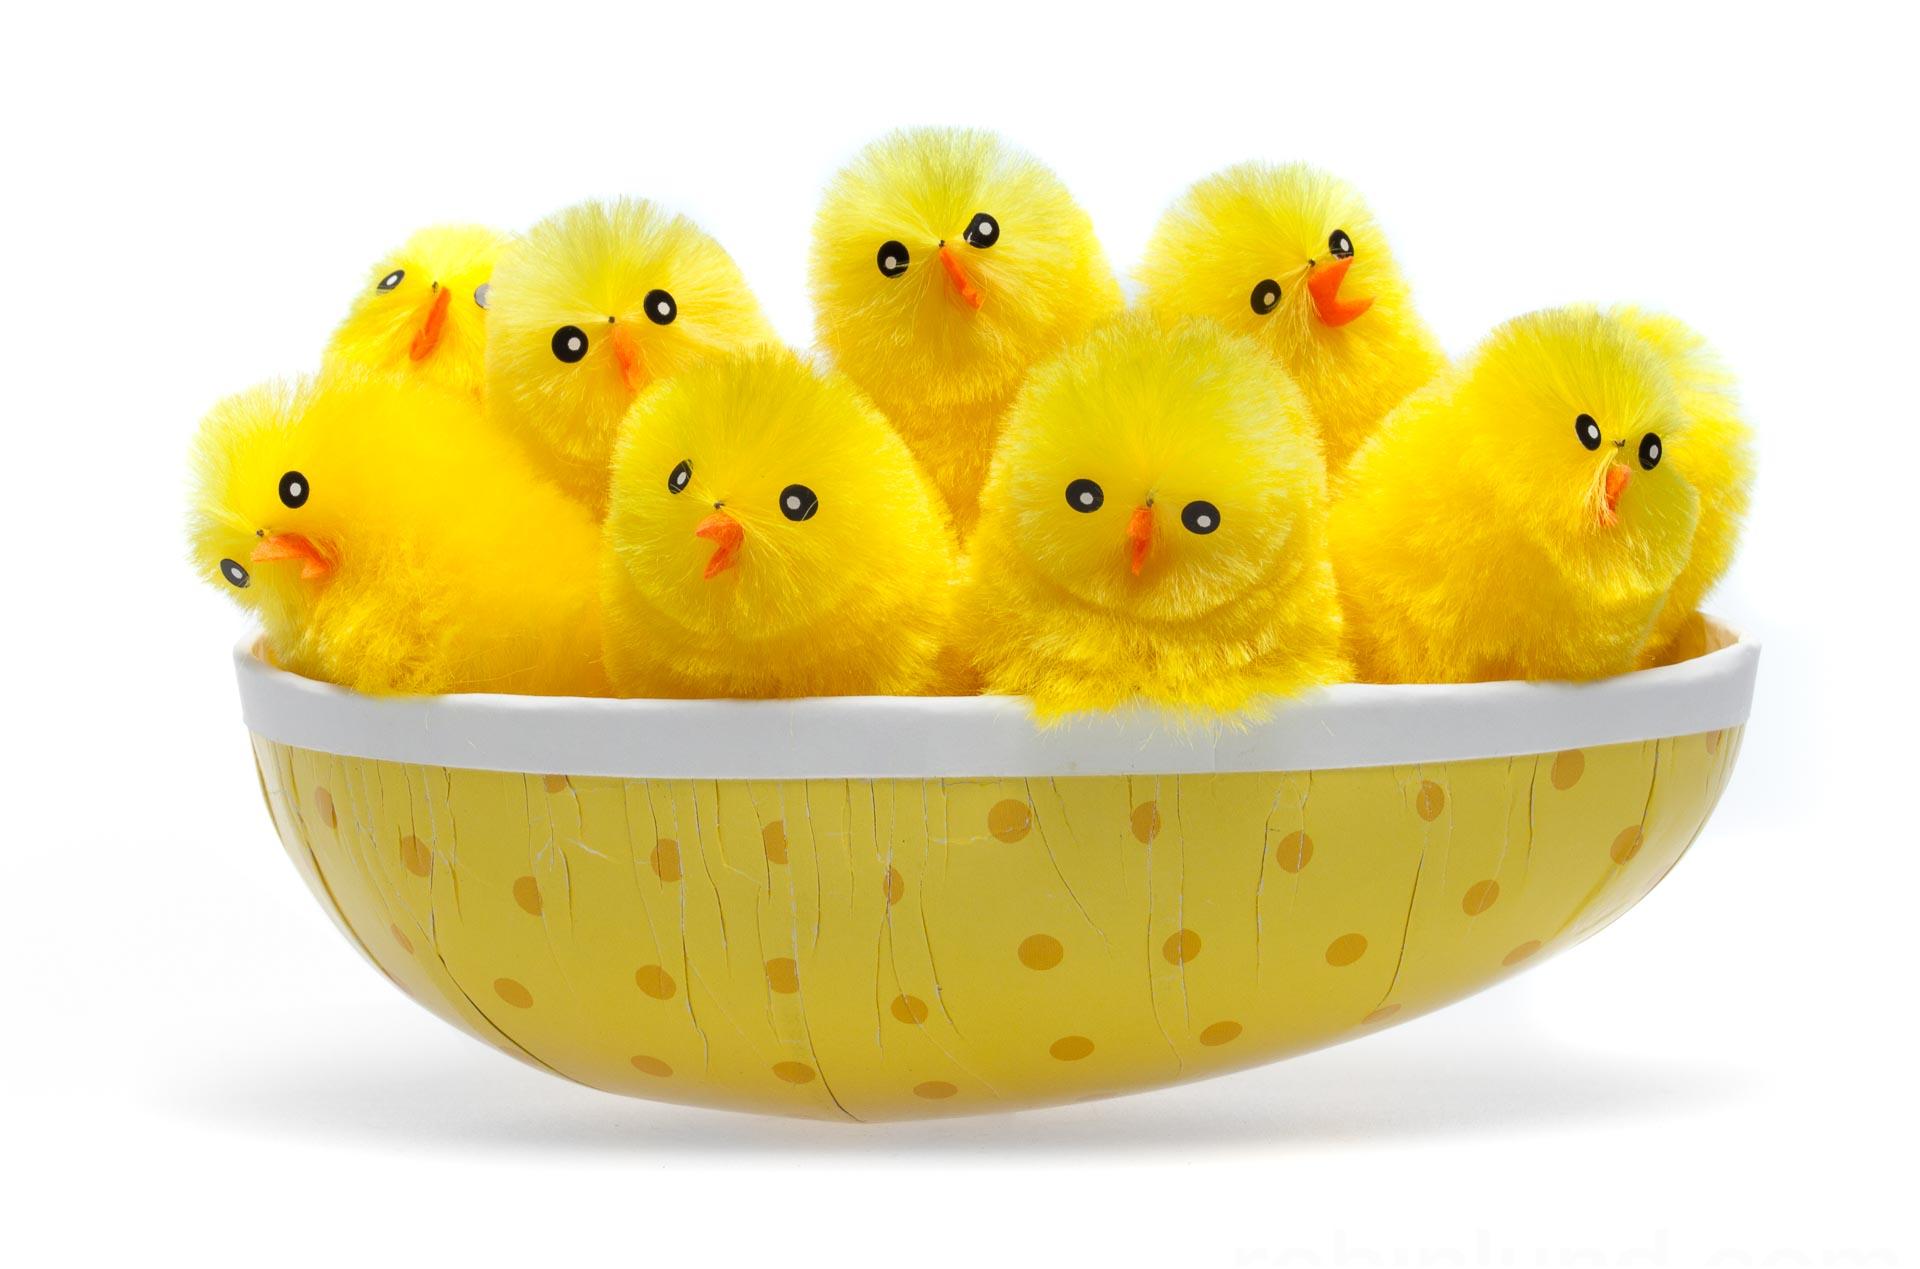 Narr.no (Påskekyllinger i egg), betalt